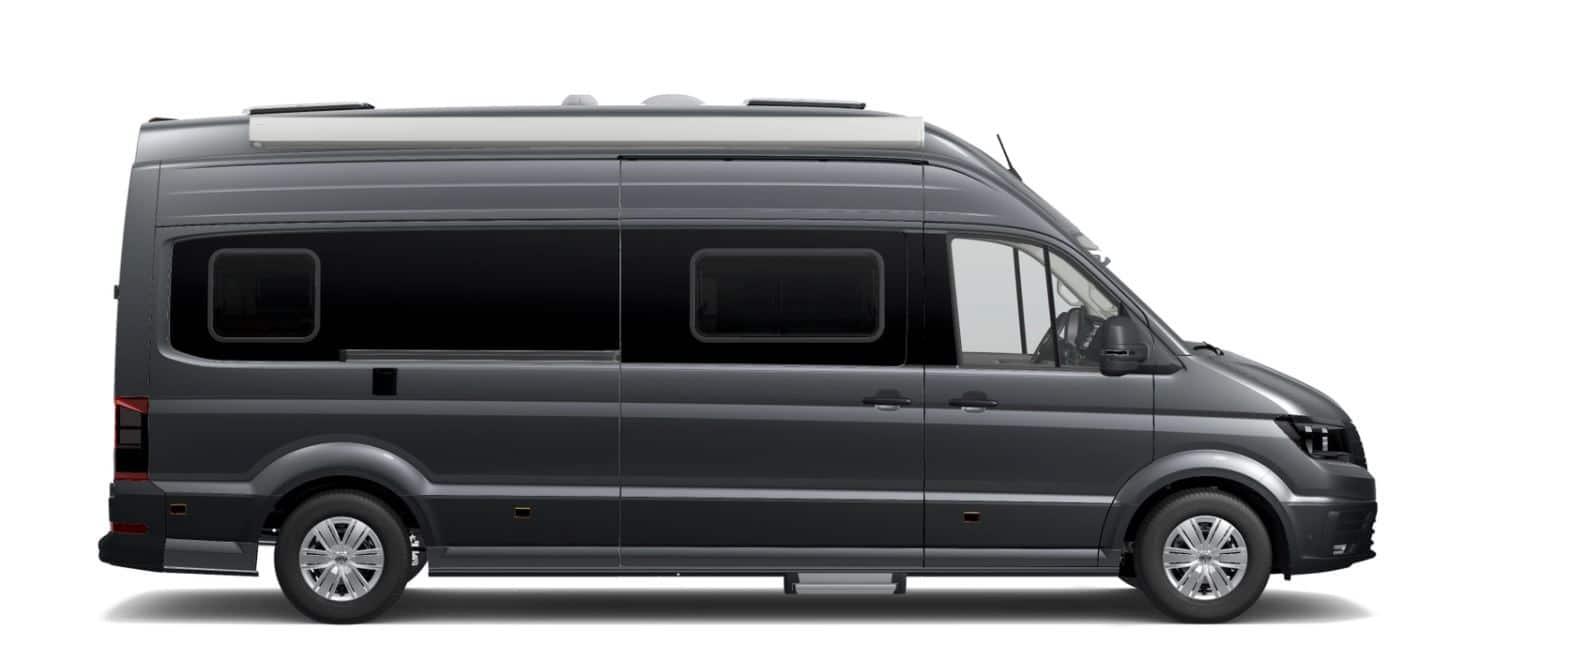 furgoneta 4x4 volkswagen